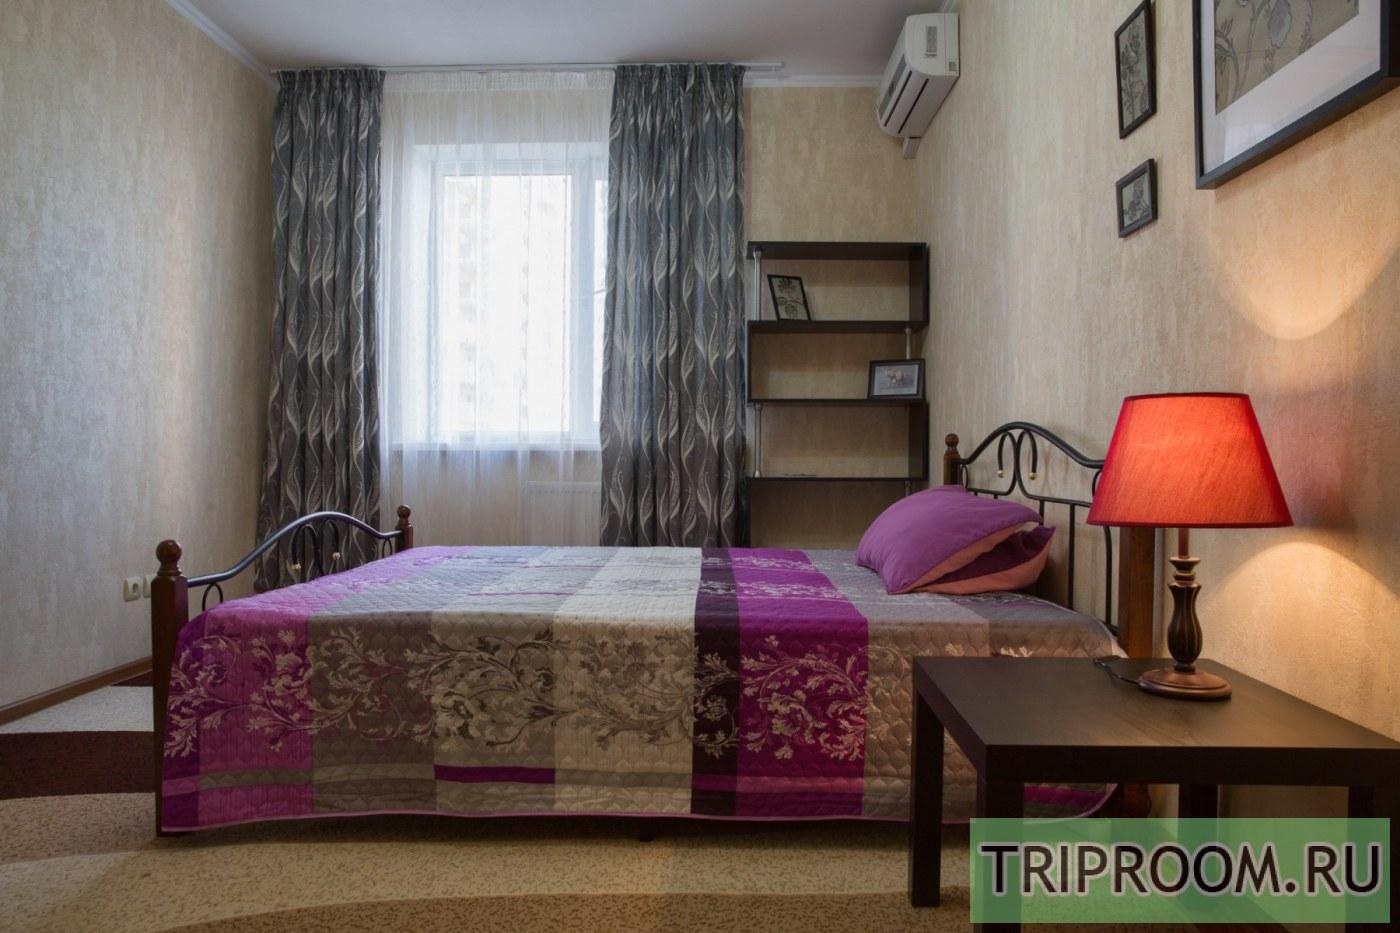 1-комнатная квартира посуточно (вариант № 38423), ул. генерала Шифрина, фото № 6